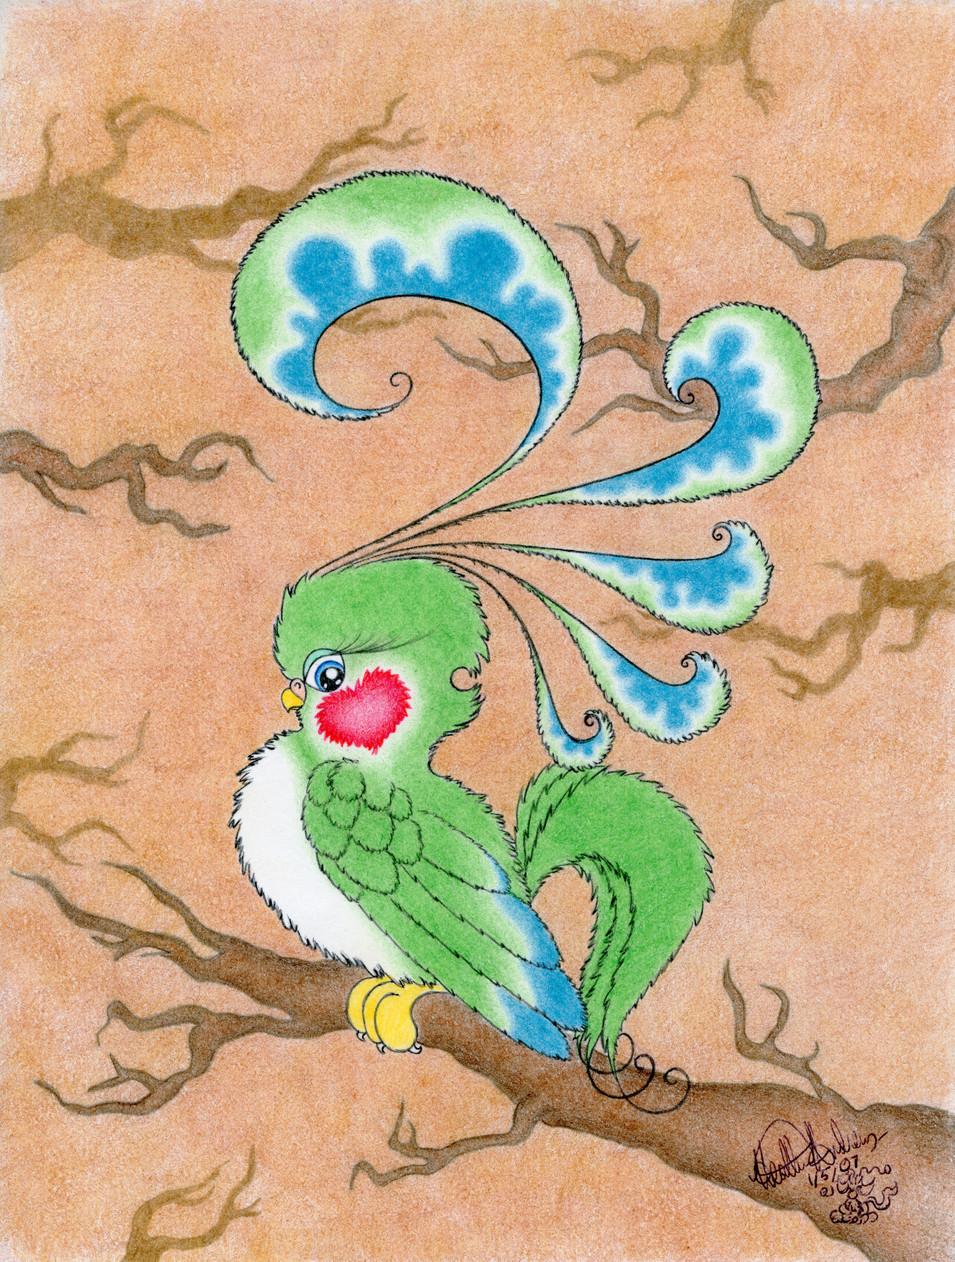 Green_heart_parrot_1-5-07(small).jpg